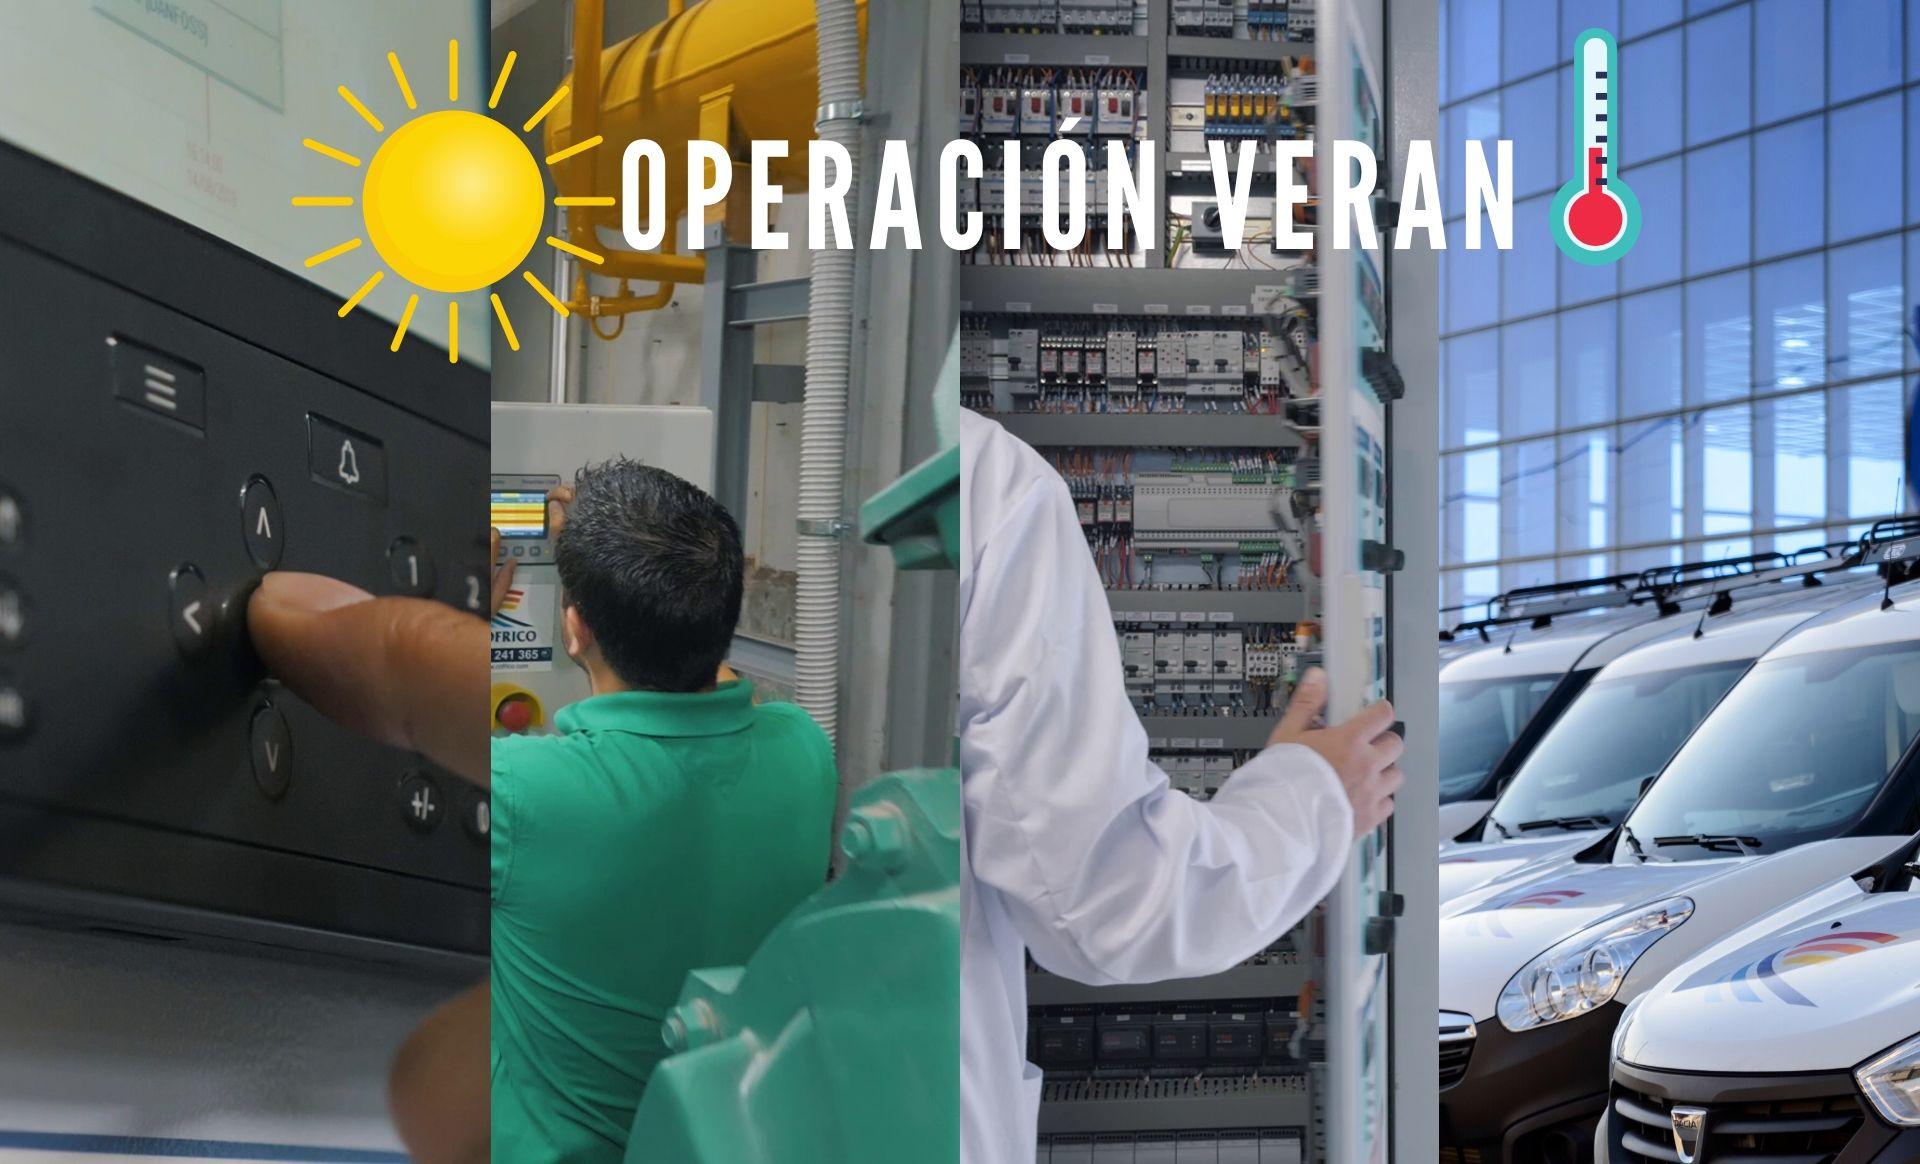 mantenimiento refrigeracion operacion verano